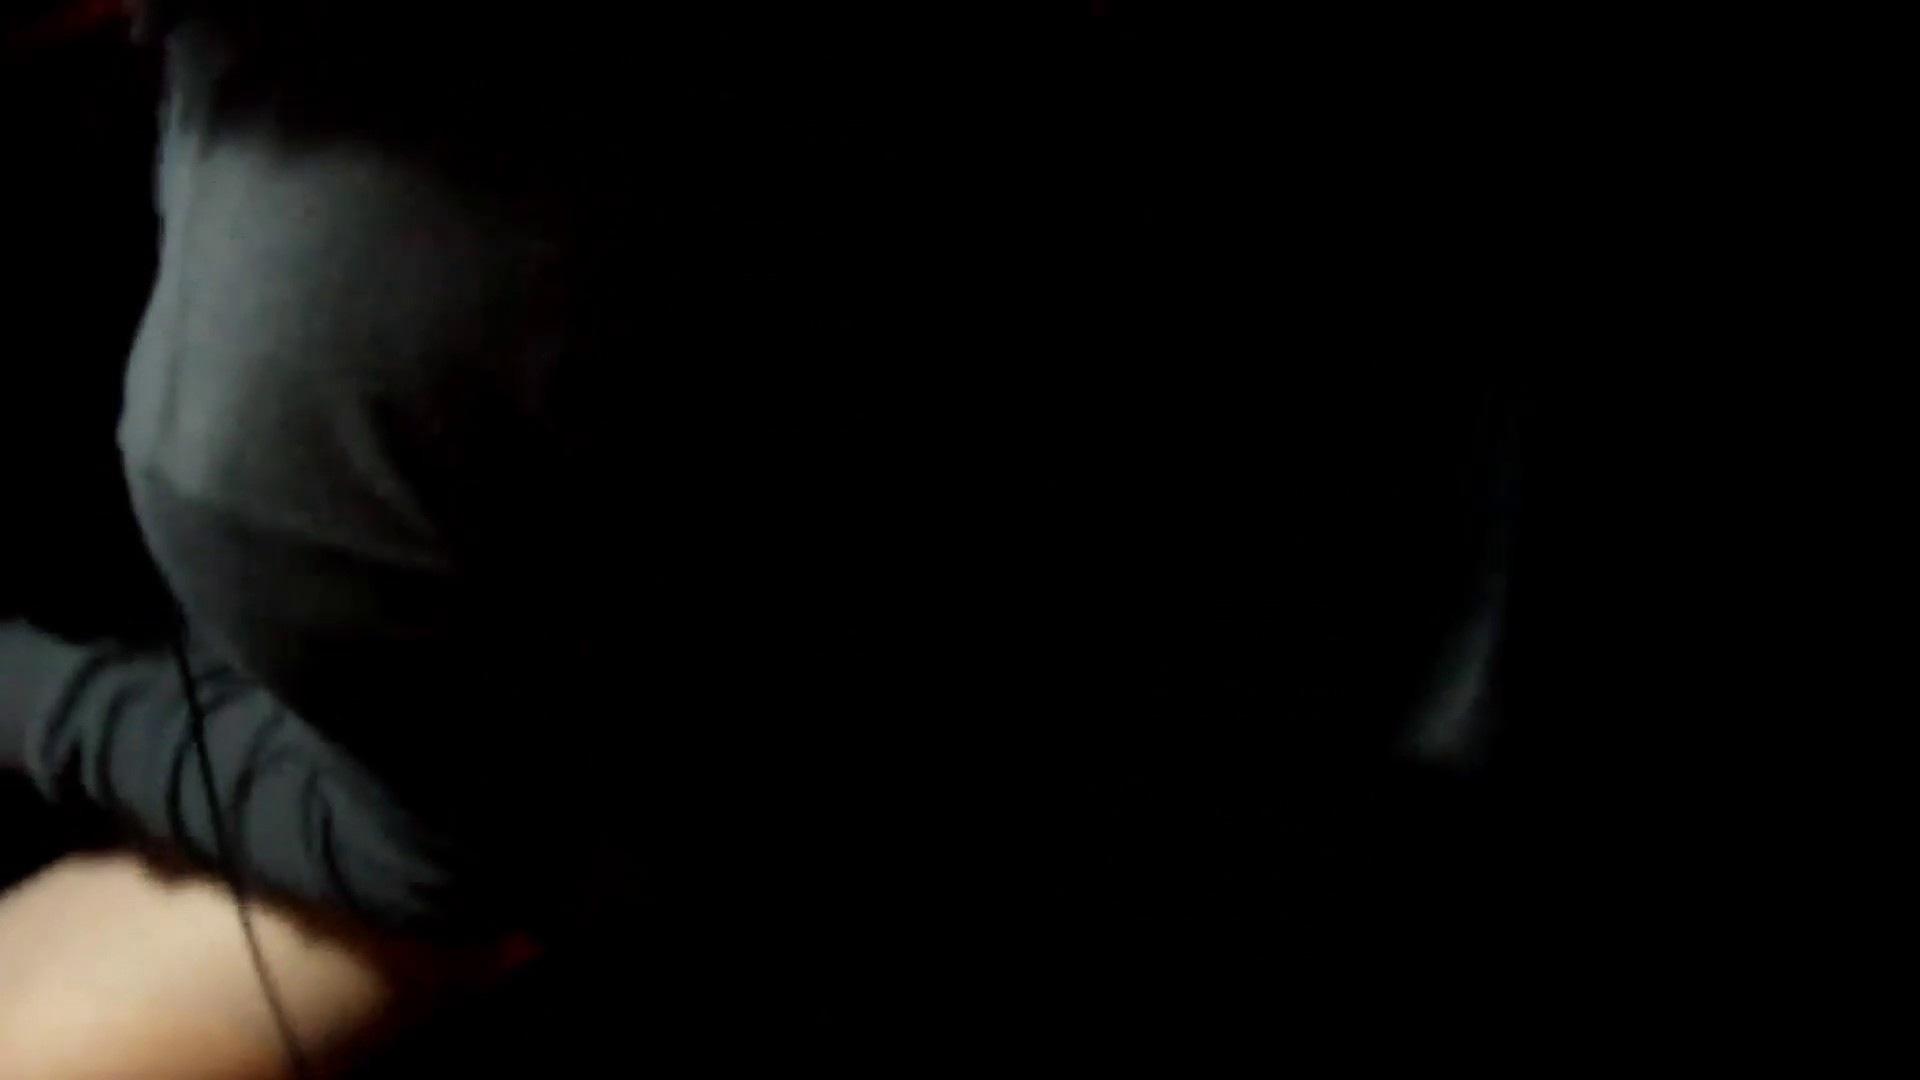 巨根 オナニー塾Vol.31 オナニー | モザイク無し アダルトビデオ画像キャプチャ 71pic 57